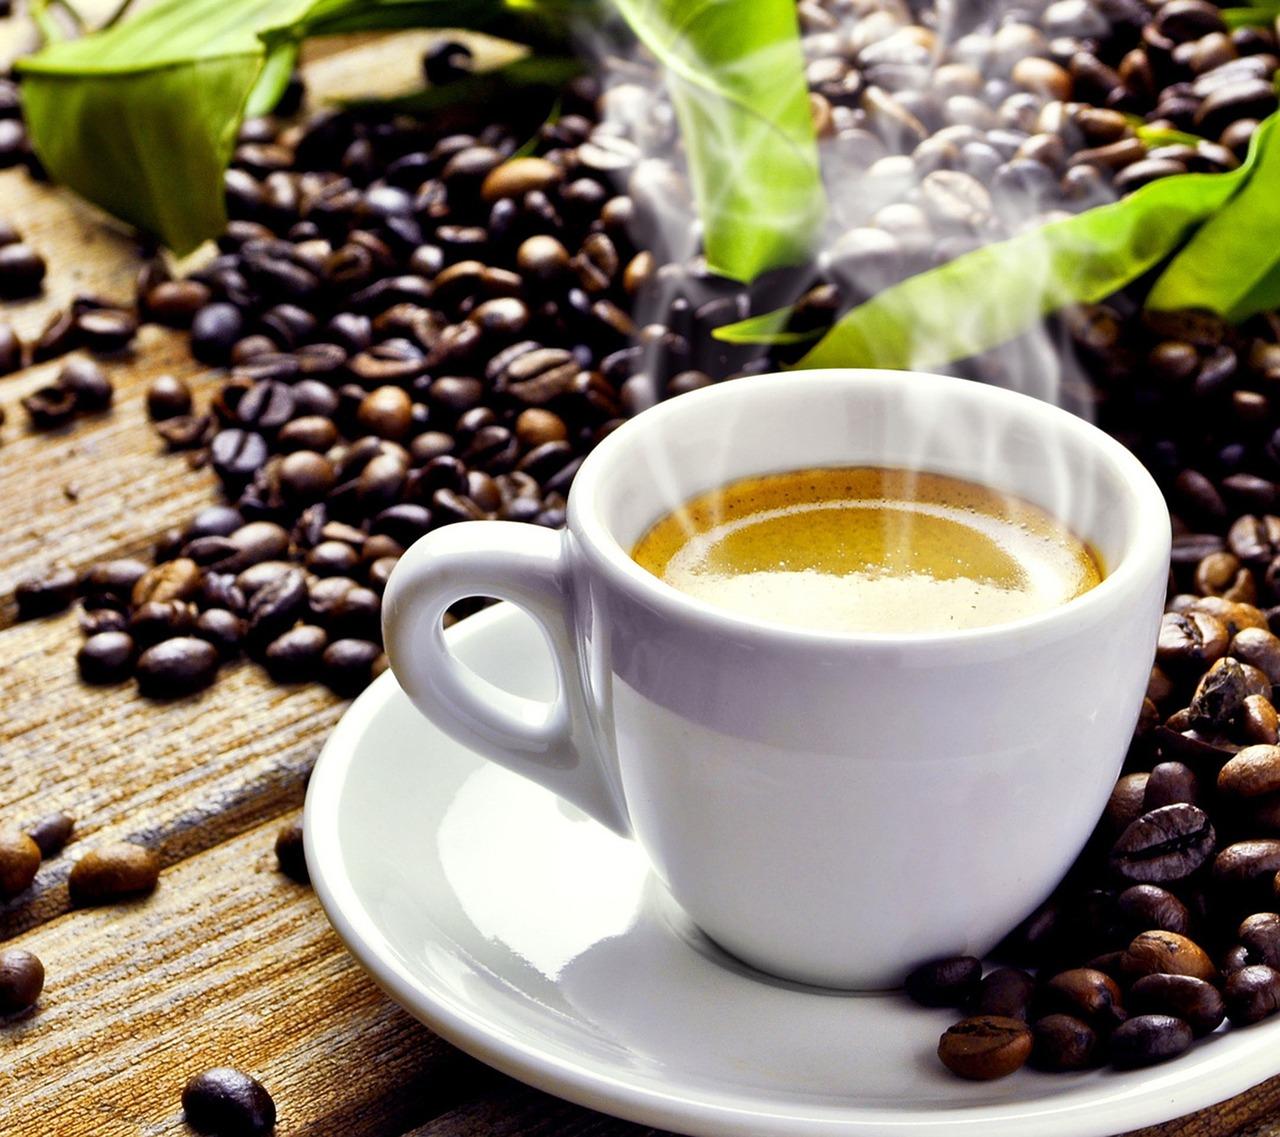 https://pixabay.com/es/caf%C3%A9-cafe-copa-platillo-caliente-1149983/